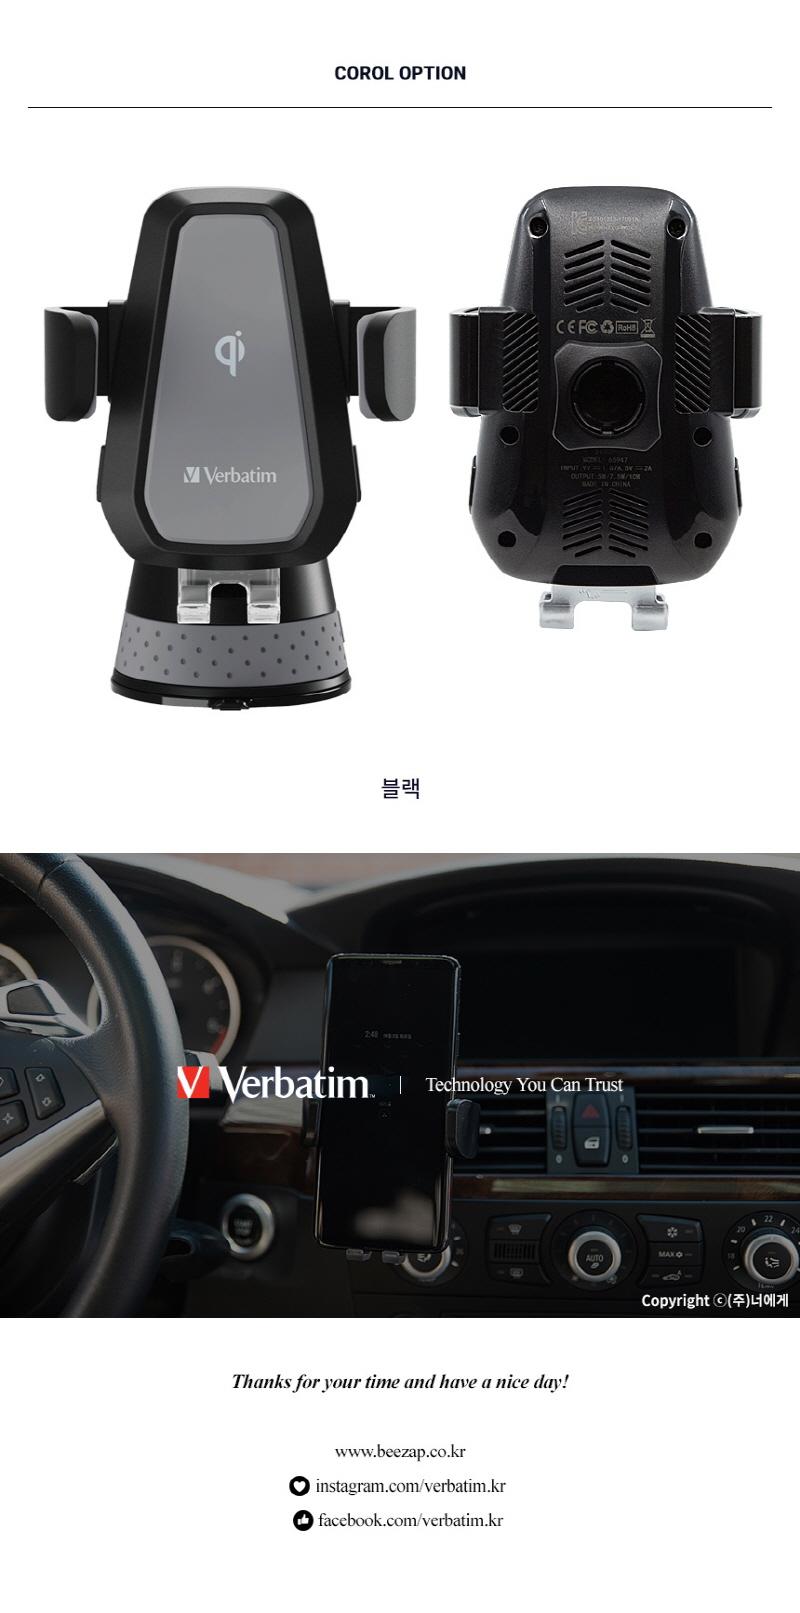 차량용 스마트폰 거치대 고속 무선 충전기 자동센서 블랙 - 버바팀, 96,000원, 충전기, 무선충전기/패치